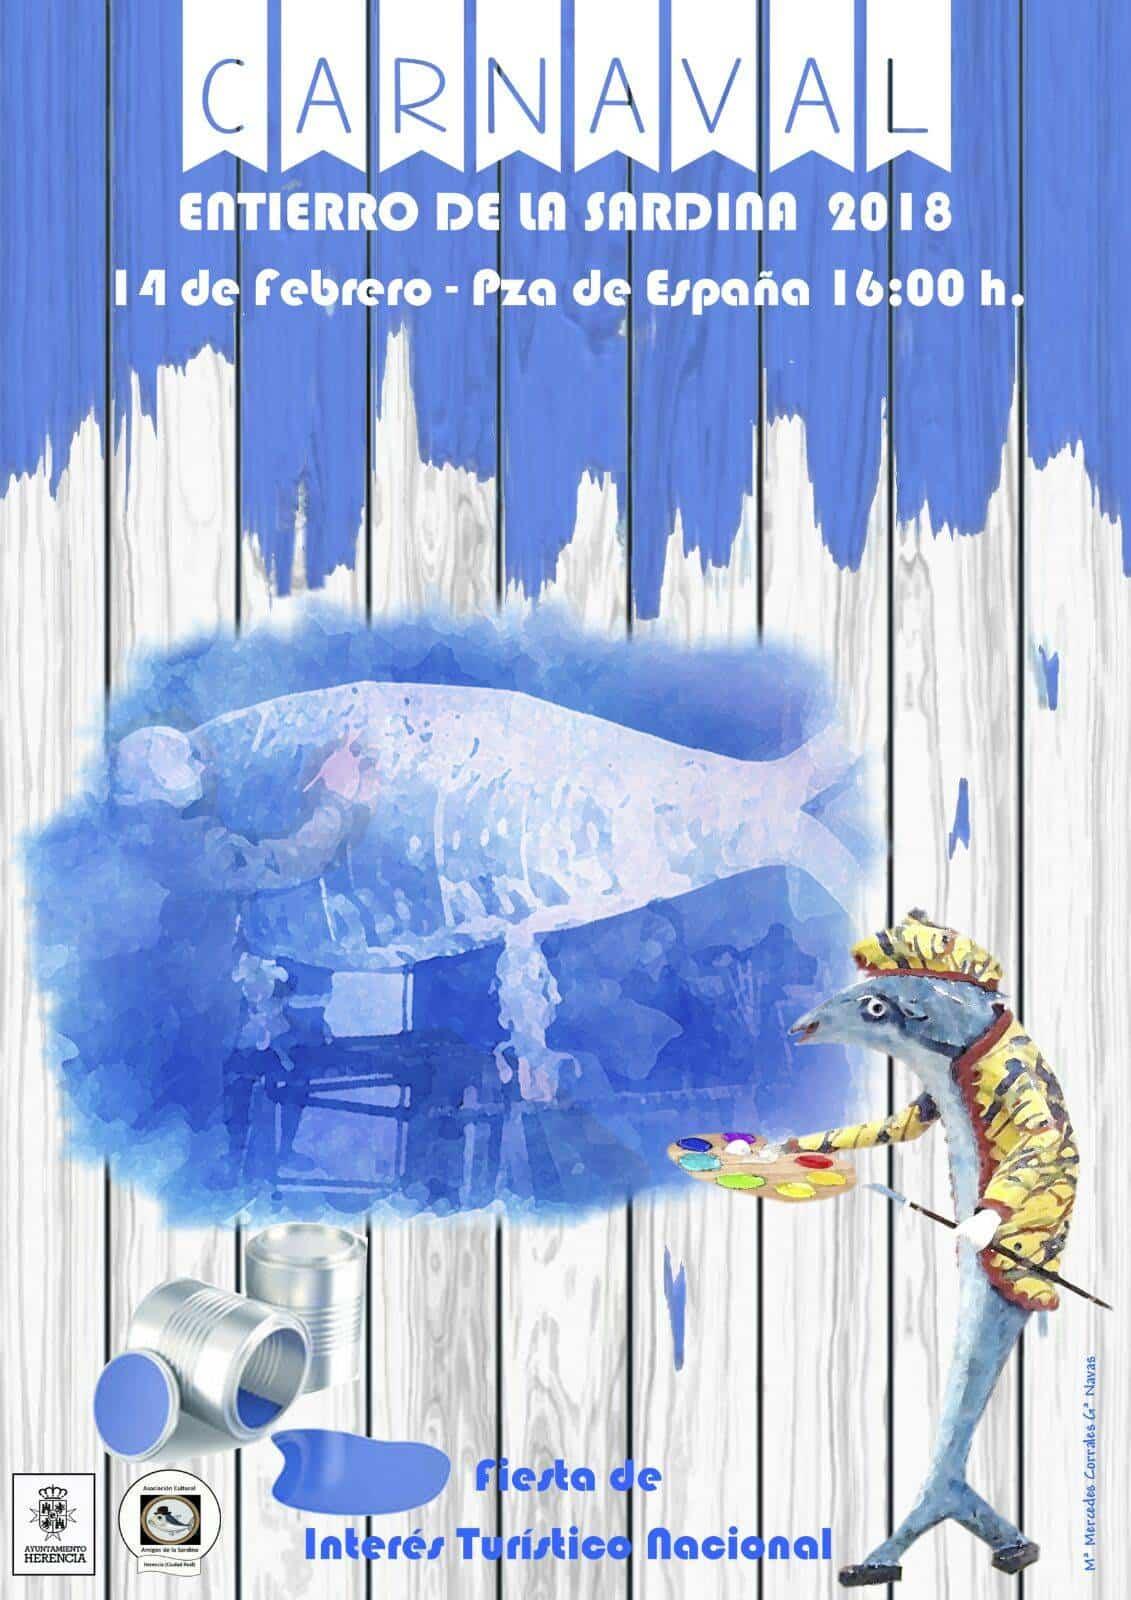 cartel entierro de la sardina 2018 herencia - Cartel del Entierro de la Sardina 2018 del Carnaval de Herencia